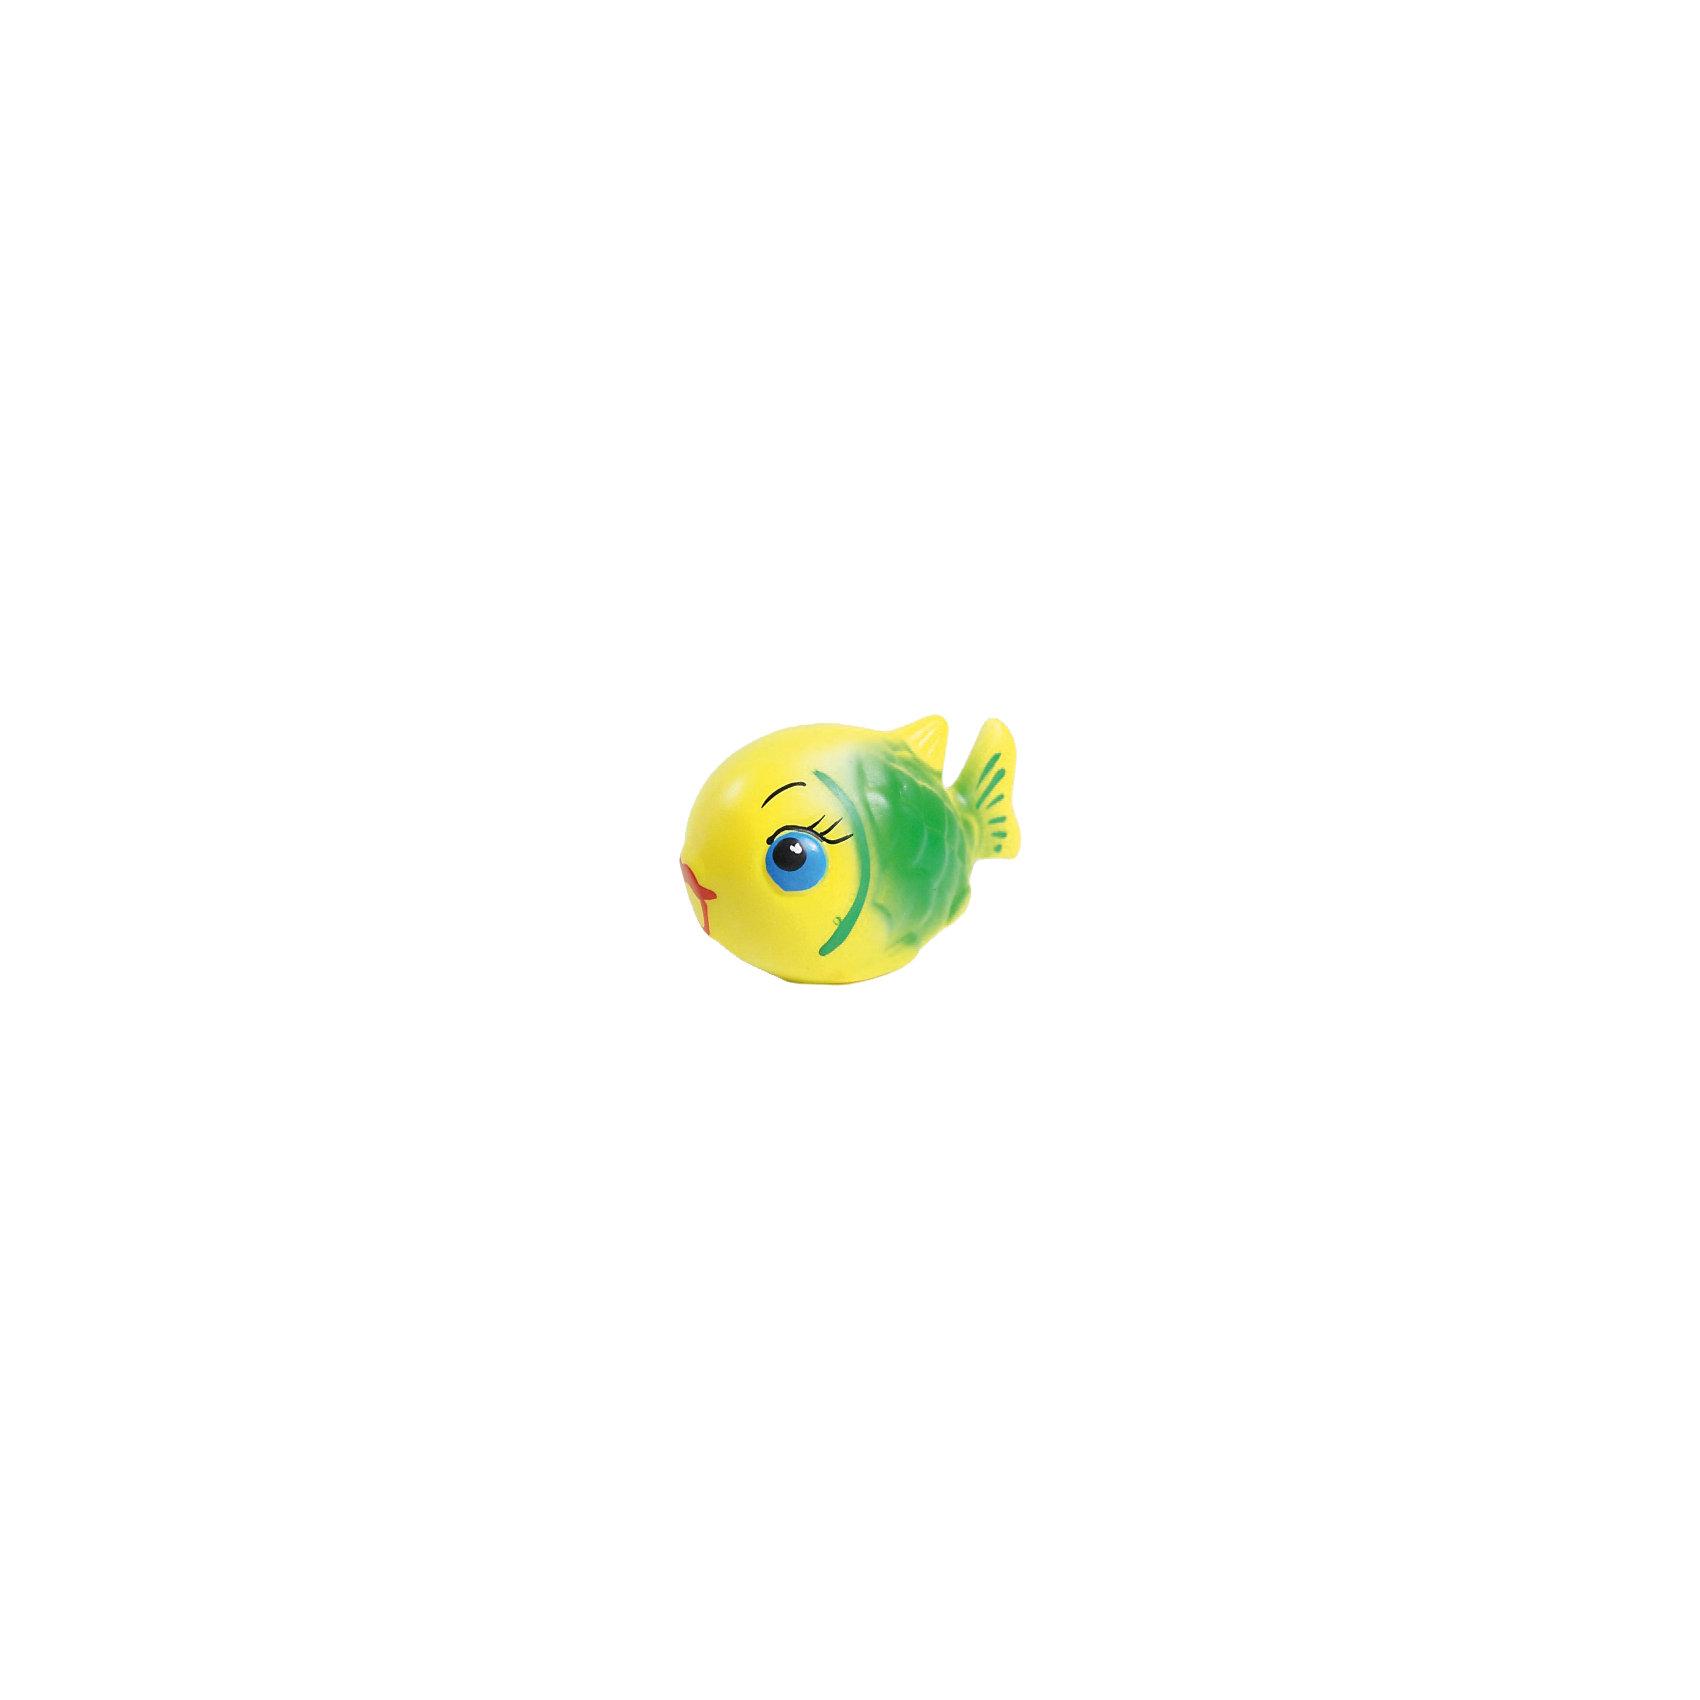 Рыбка Клоун, КудесникиИгрушки для ванной<br>Рыбка Клоун, Кудесники<br><br>Характеристики:<br><br>• Материал: ПВХ.<br>• Размер: 5х6х9 см.<br><br>Отличная игрушка из мягкого ПВХ надолго займет внимание вашего малыша. Эта игрушка поможет малышу при прорезывании зубов, поможет развивать моторику рук, знакомить с формой, цветом, образами также с ней можно забавно поиграть в ванной. Яркий образ забавной рыбки поможет ребенку придумывать различные сюжетно-ролевые игры.<br><br>Рыбку Клоун, Кудесники, можно купить в нашем интернет – магазине.<br><br>Ширина мм: 80<br>Глубина мм: 60<br>Высота мм: 55<br>Вес г: 40<br>Возраст от месяцев: 12<br>Возраст до месяцев: 36<br>Пол: Унисекс<br>Возраст: Детский<br>SKU: 4896451